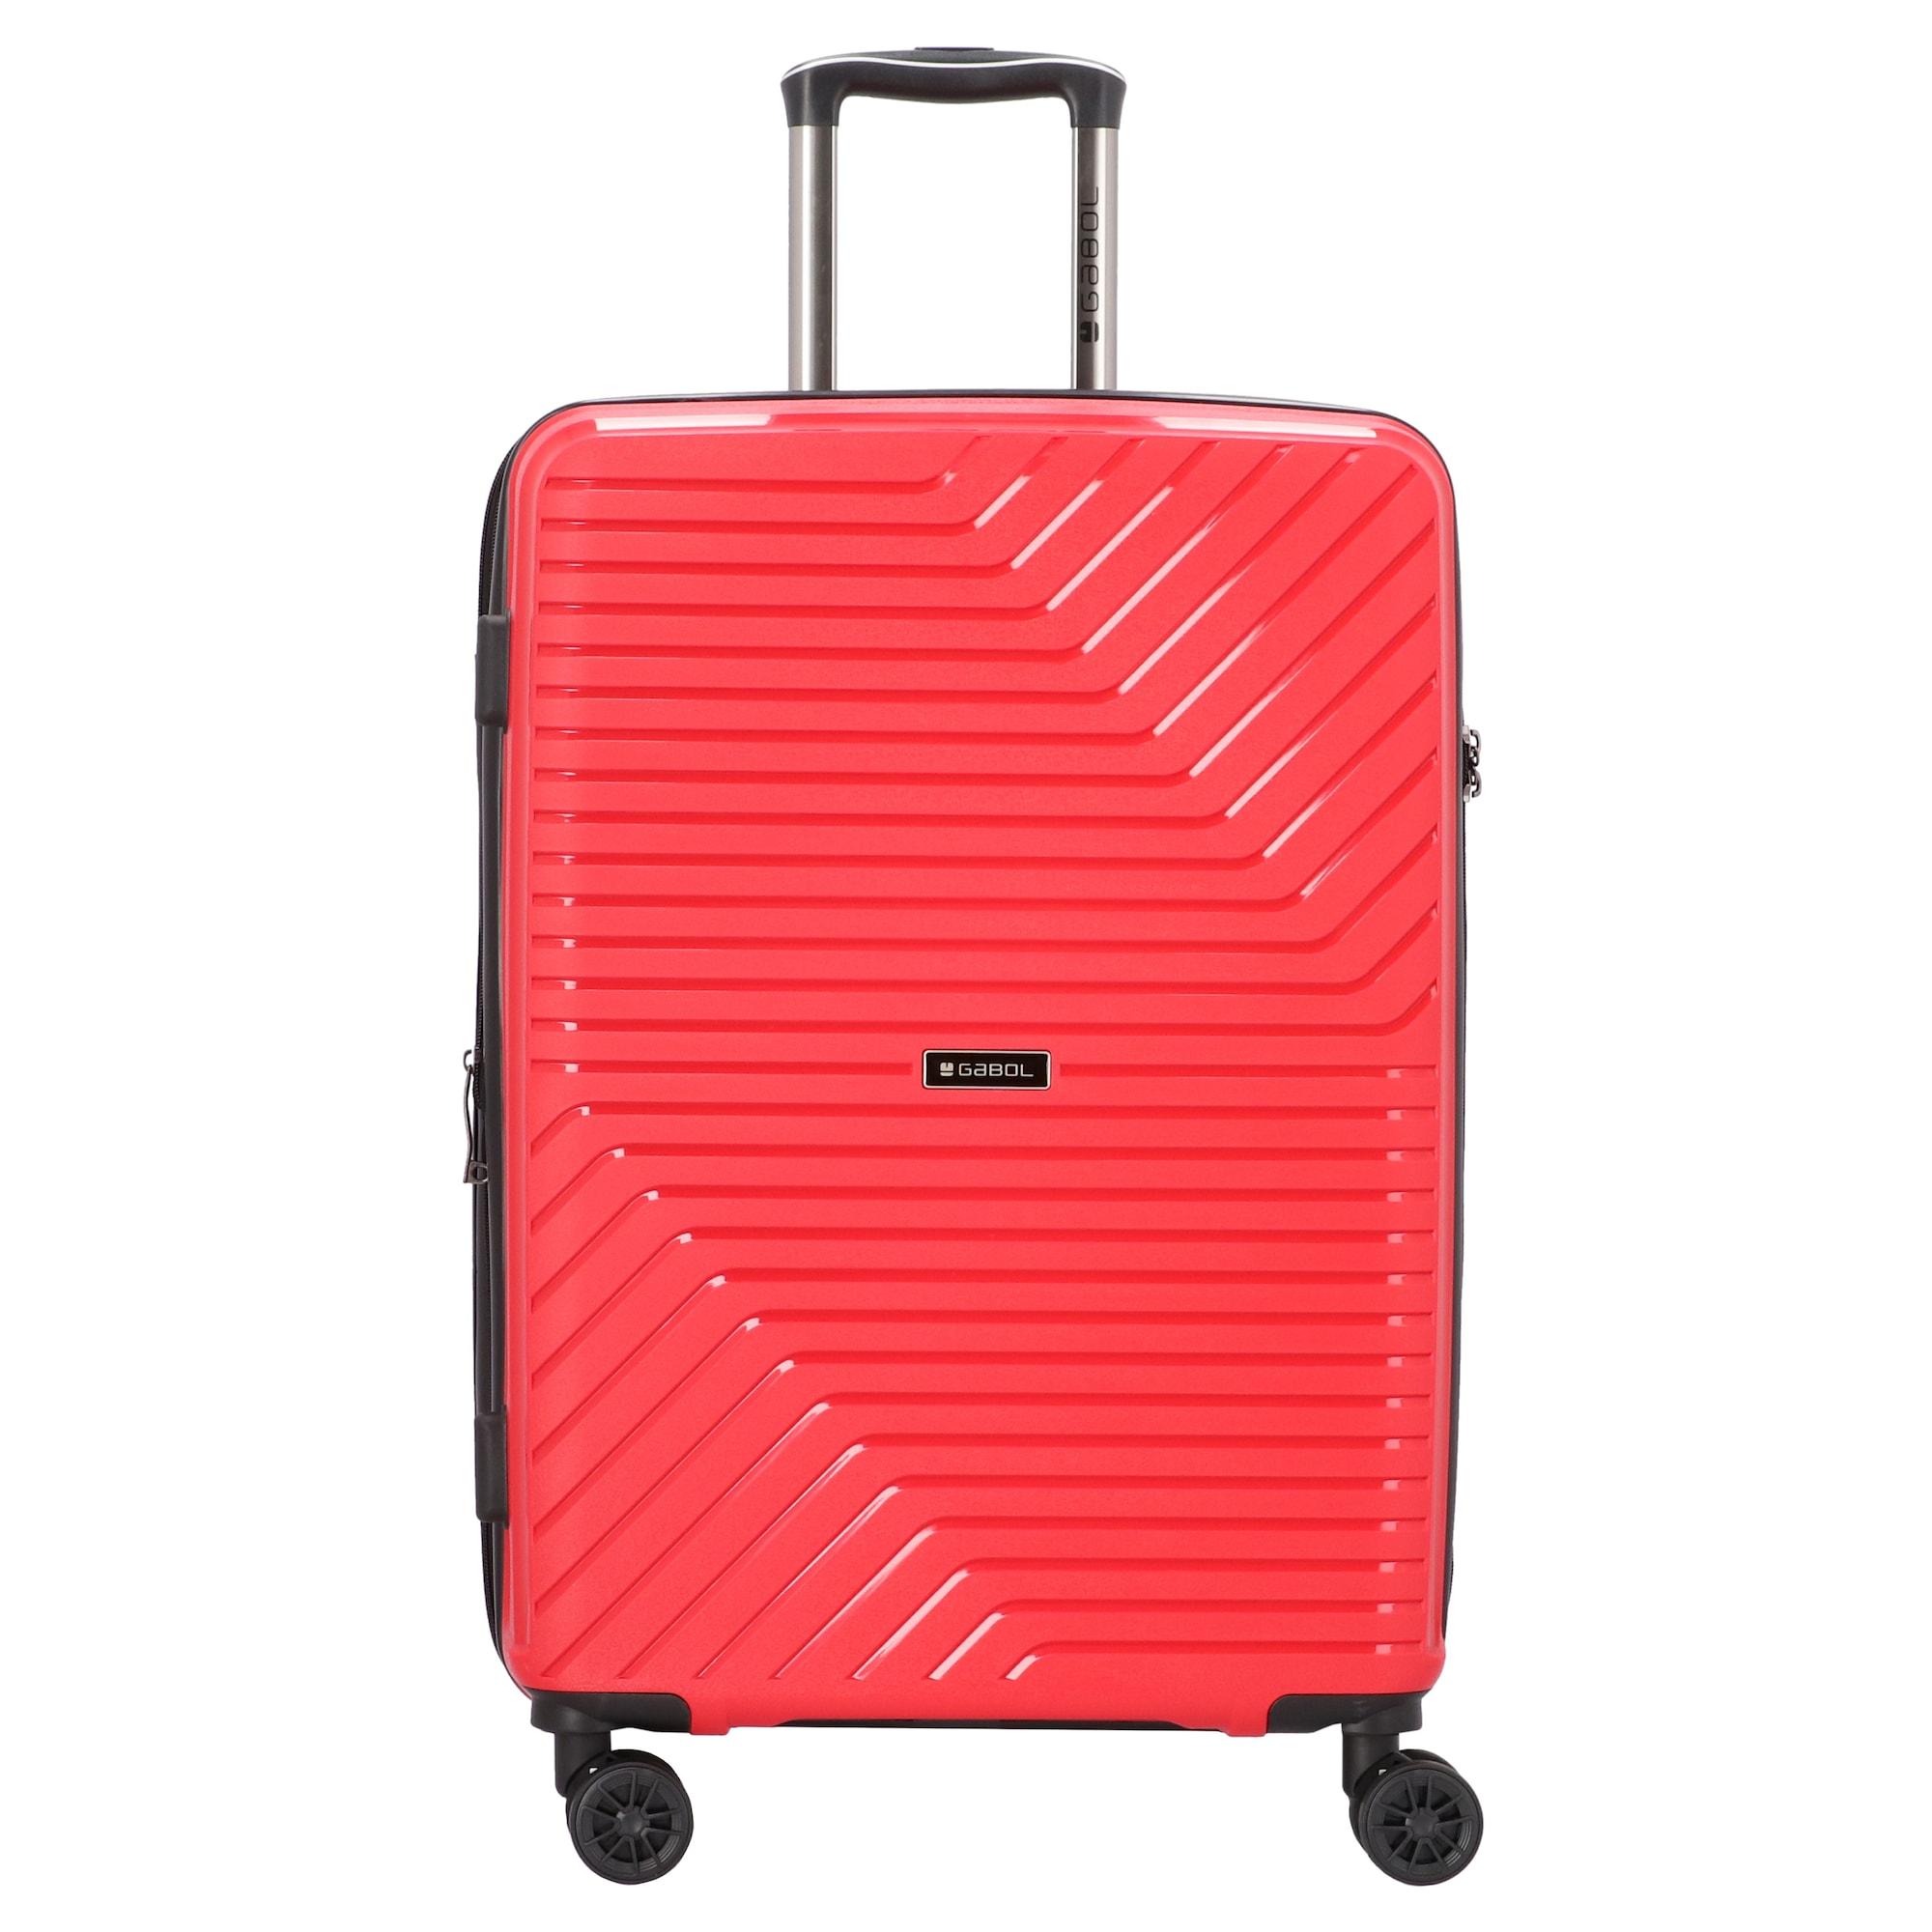 Trolley | Taschen > Koffer & Trolleys > Trolleys | Gabol